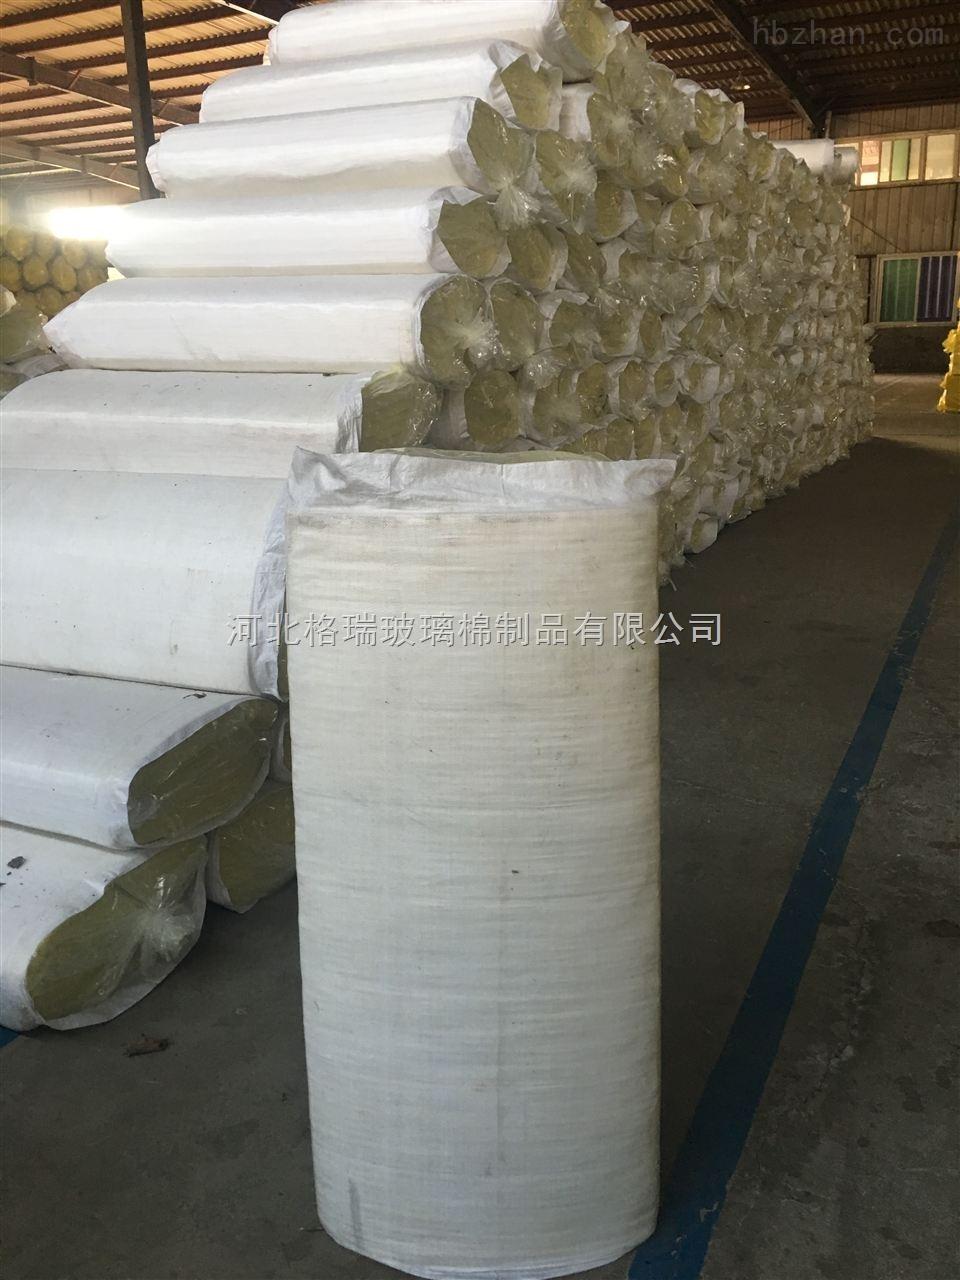 肥西县赣榆县48kg/100mm玻璃纤维棉价格家居酒店会馆装修用玻璃棉板